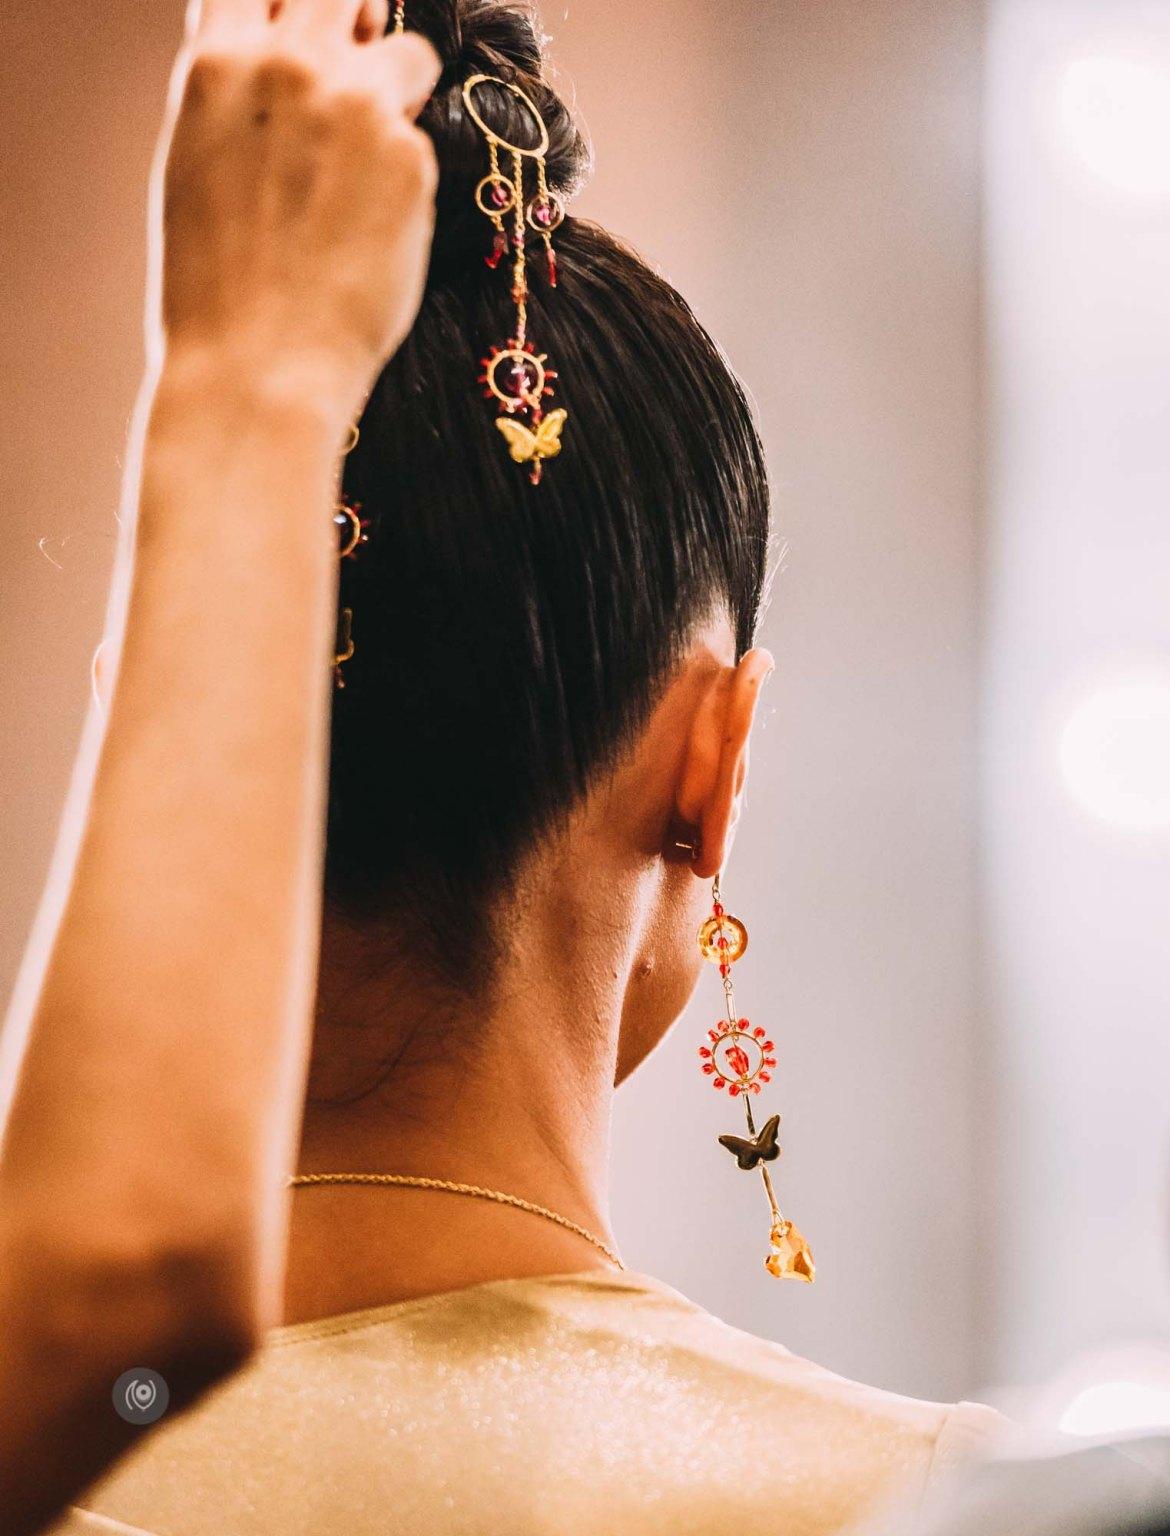 Naina.co, Visual Storyteller, Luxury Brands, Naina Redhu, Professional Photographer, Experience Collector, Luxury Photographer, Luxury Blogger, Lifestyle, Visual Storyteller for Luxury Brands, EyesForLuxury, Luxury Blogger, Lifestyle Blogger, Luxury Photographer India, Lifestyle Photographer India, Luxury Blogger India, Lifestyle Blogger India, #SwarovskixConfluence, #SwarovskiIndia, #SwarovskiCrystals, #NAINAxSwarovskiConfluence, Crystal Jewellery, Jewellery Photographer, Jewellery Photographer India, Jewellery Blogger, Jewellery Blogger India, Indian Jewellery, Designer Jewellery, Fashion Designers, Taj Palace Hotel, Taj Palace Hotel New Delhi, Taj Palace New Delhi, Taj Palace Delhi, Event Photographer, Event Blogger, Event Photographer India, Event Blogger India, Swarovski